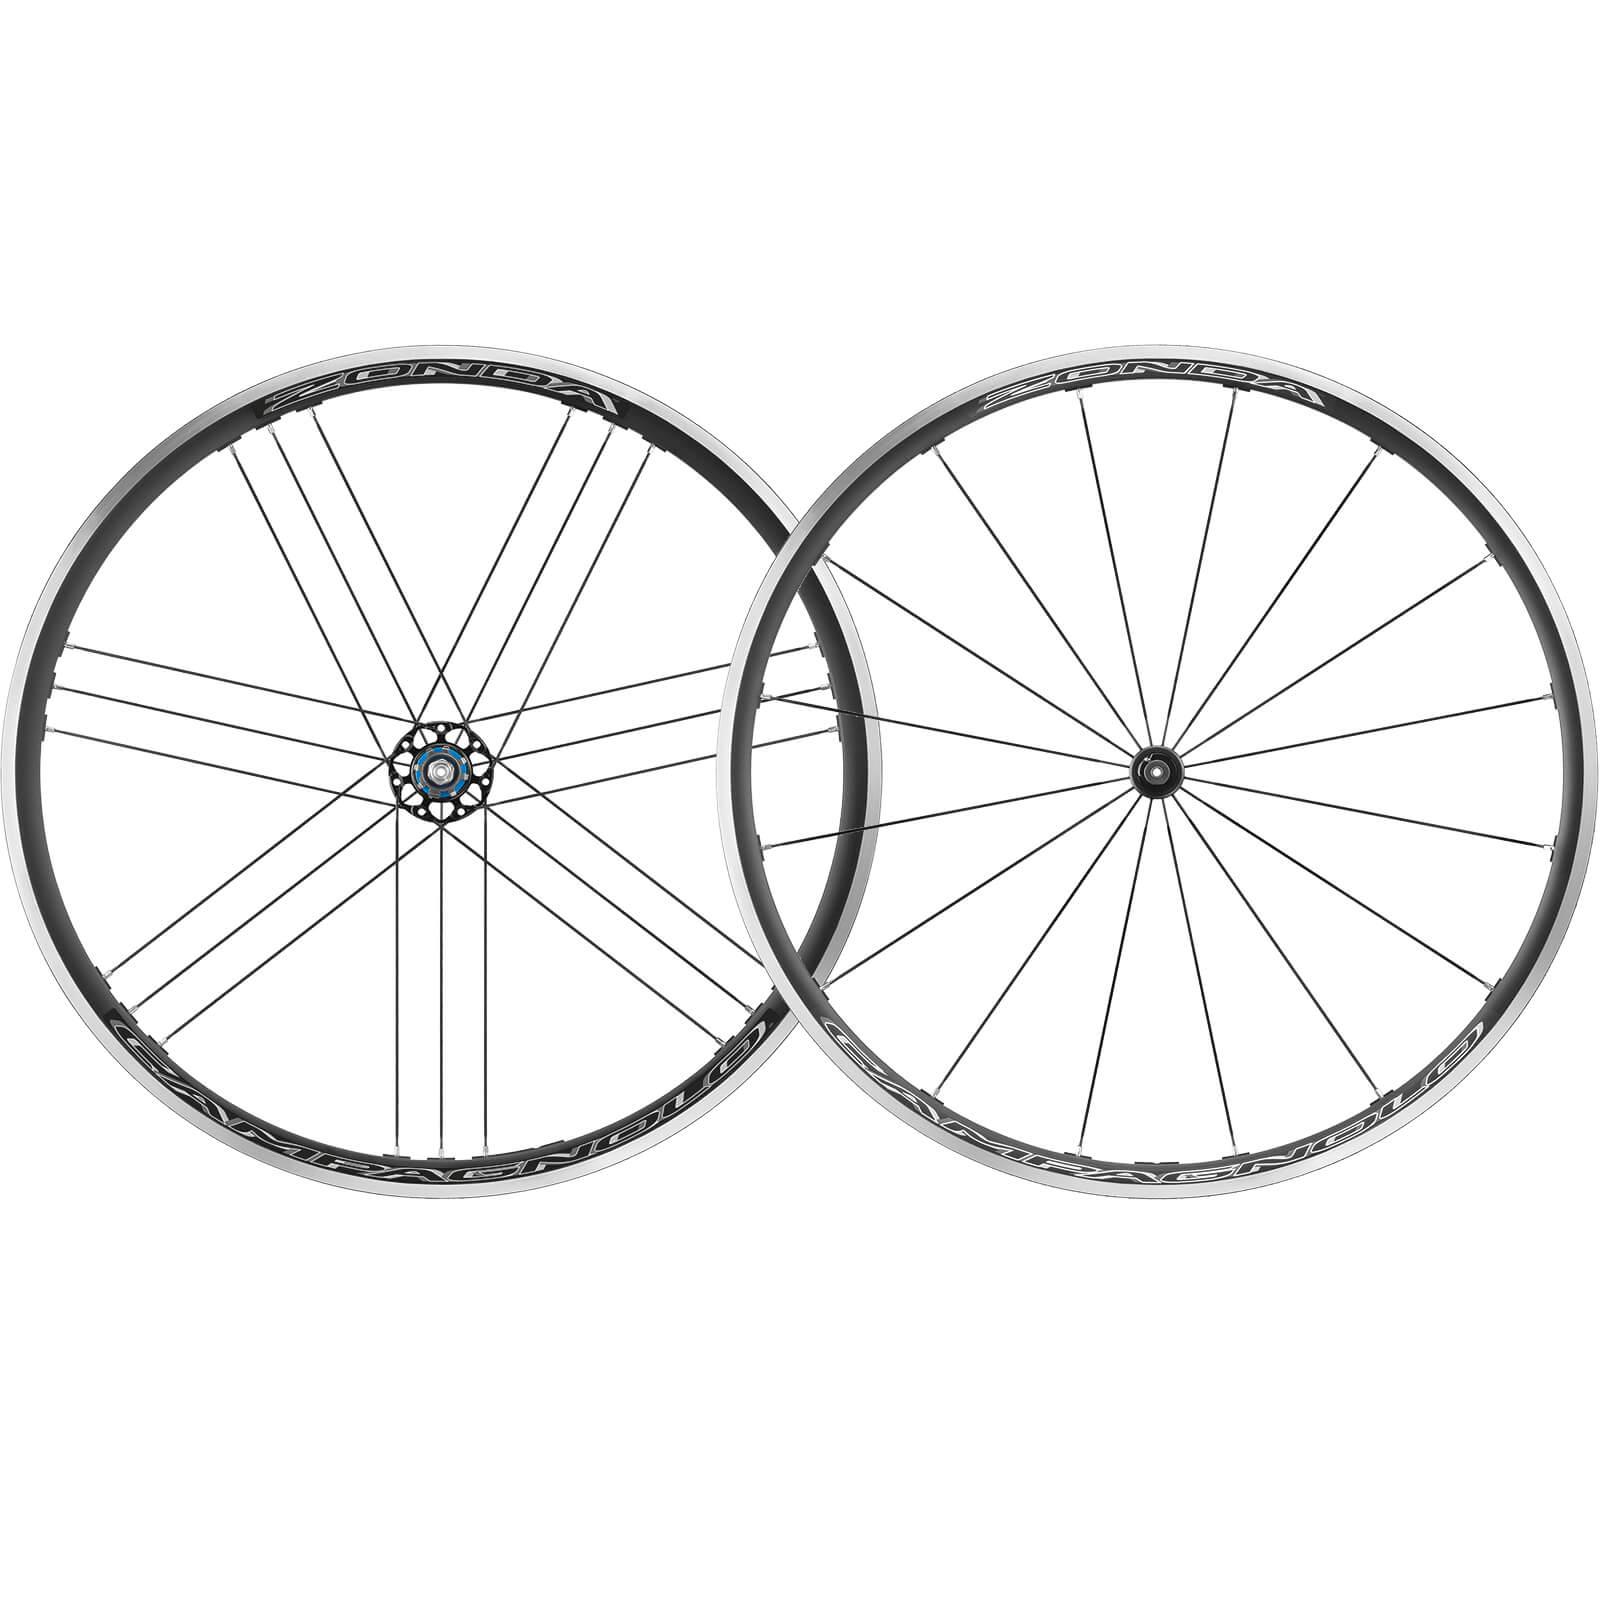 Lot de 2 jantes pour vélo de route Campagnolo Zonda C17 - corps Campagnolo à 305.74€ ou Shimano/SRAM à 321.74€ - ProBikeKit.co.uk